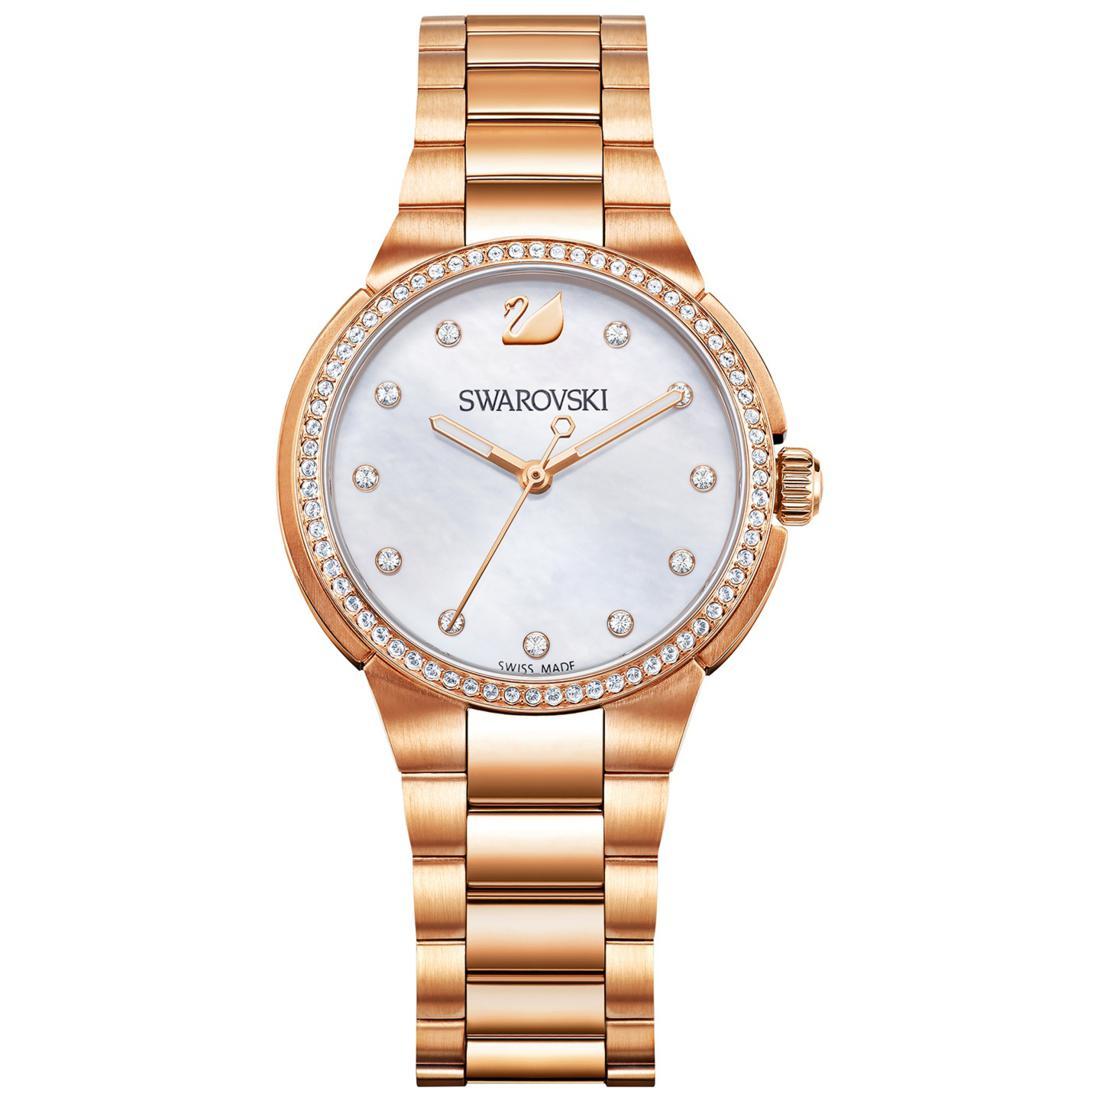 Swarovski Presenta La Nuova Collezione Di Orologi Fashion Times